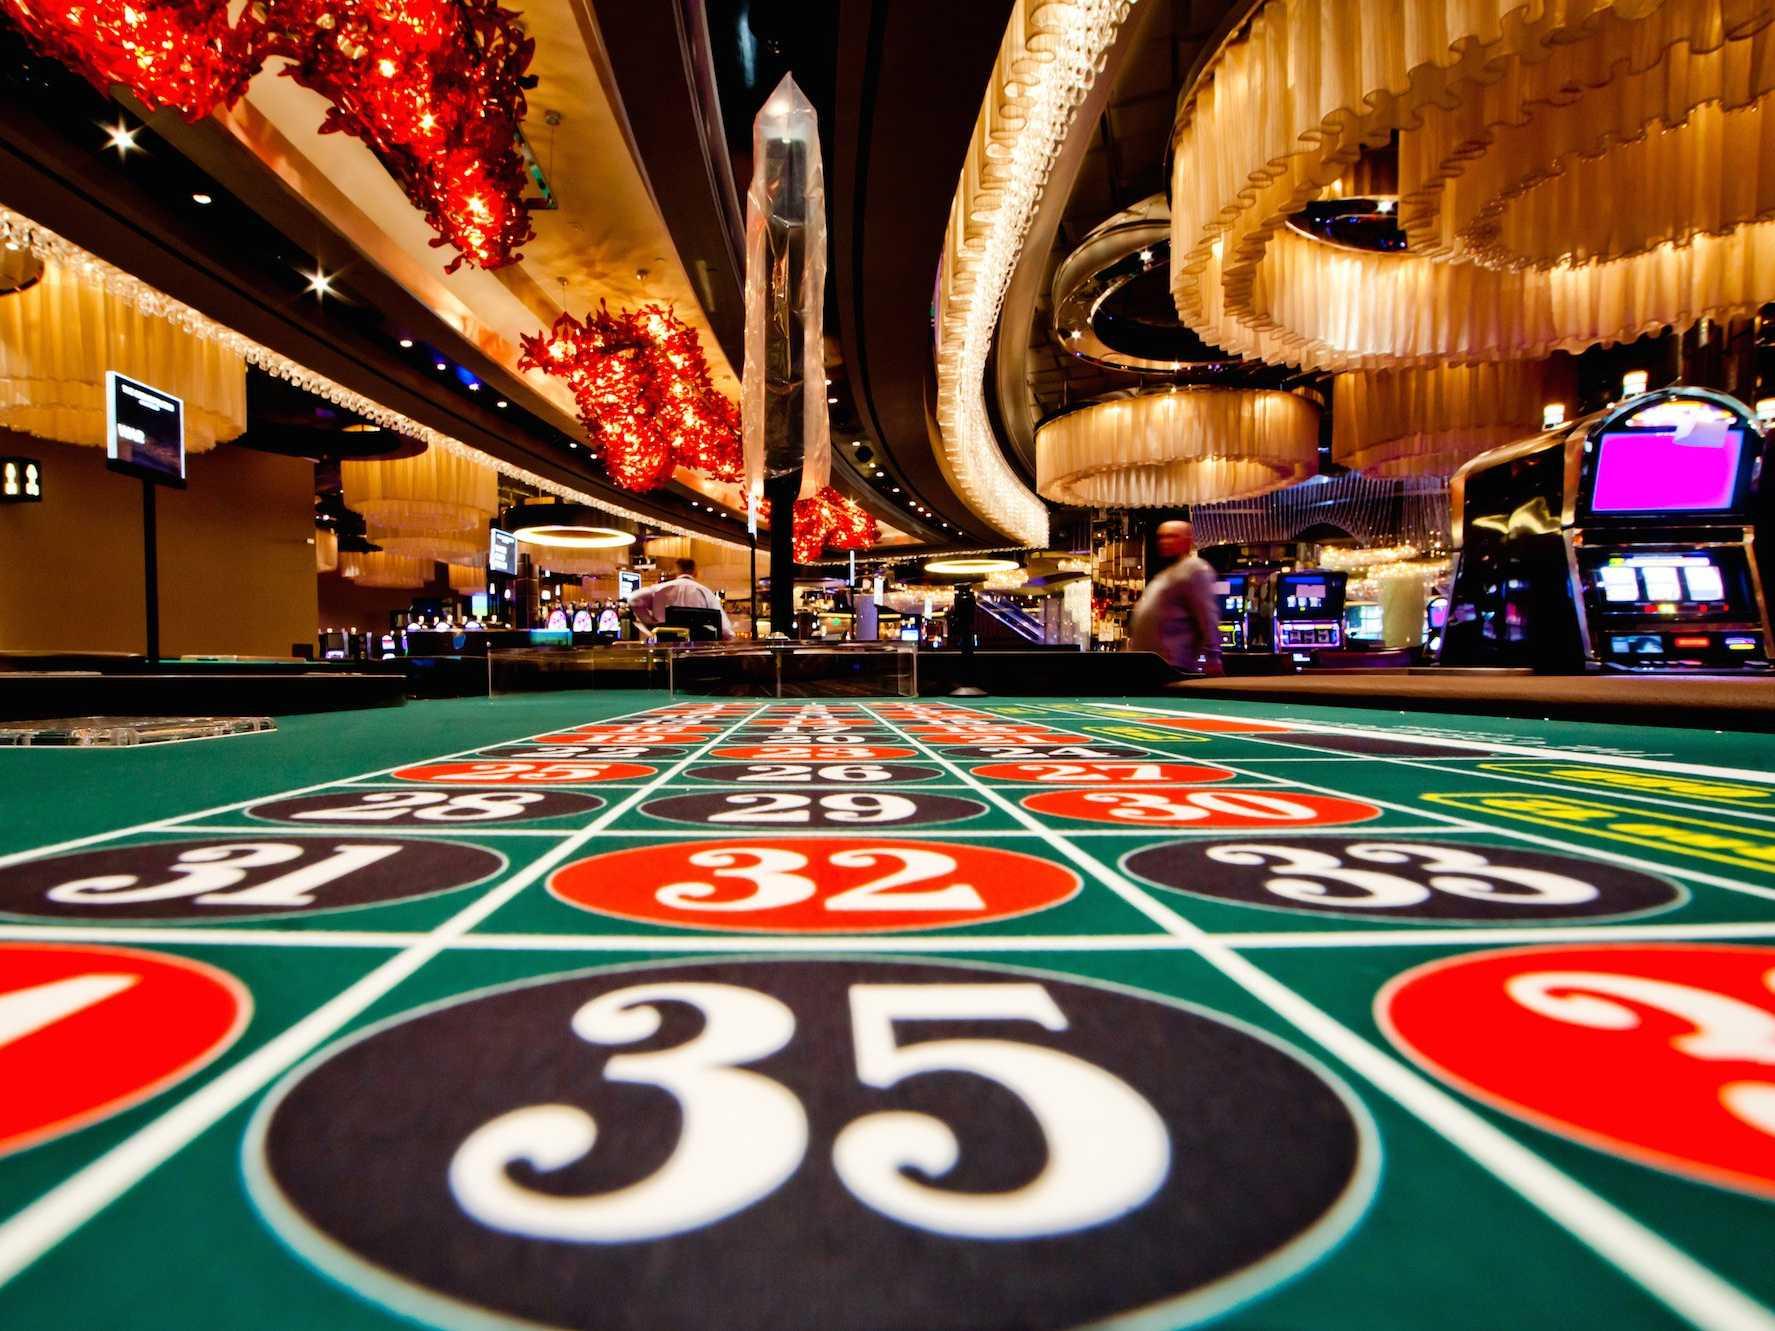 Casino en ligne : j'y passe beaucoup trop de temps